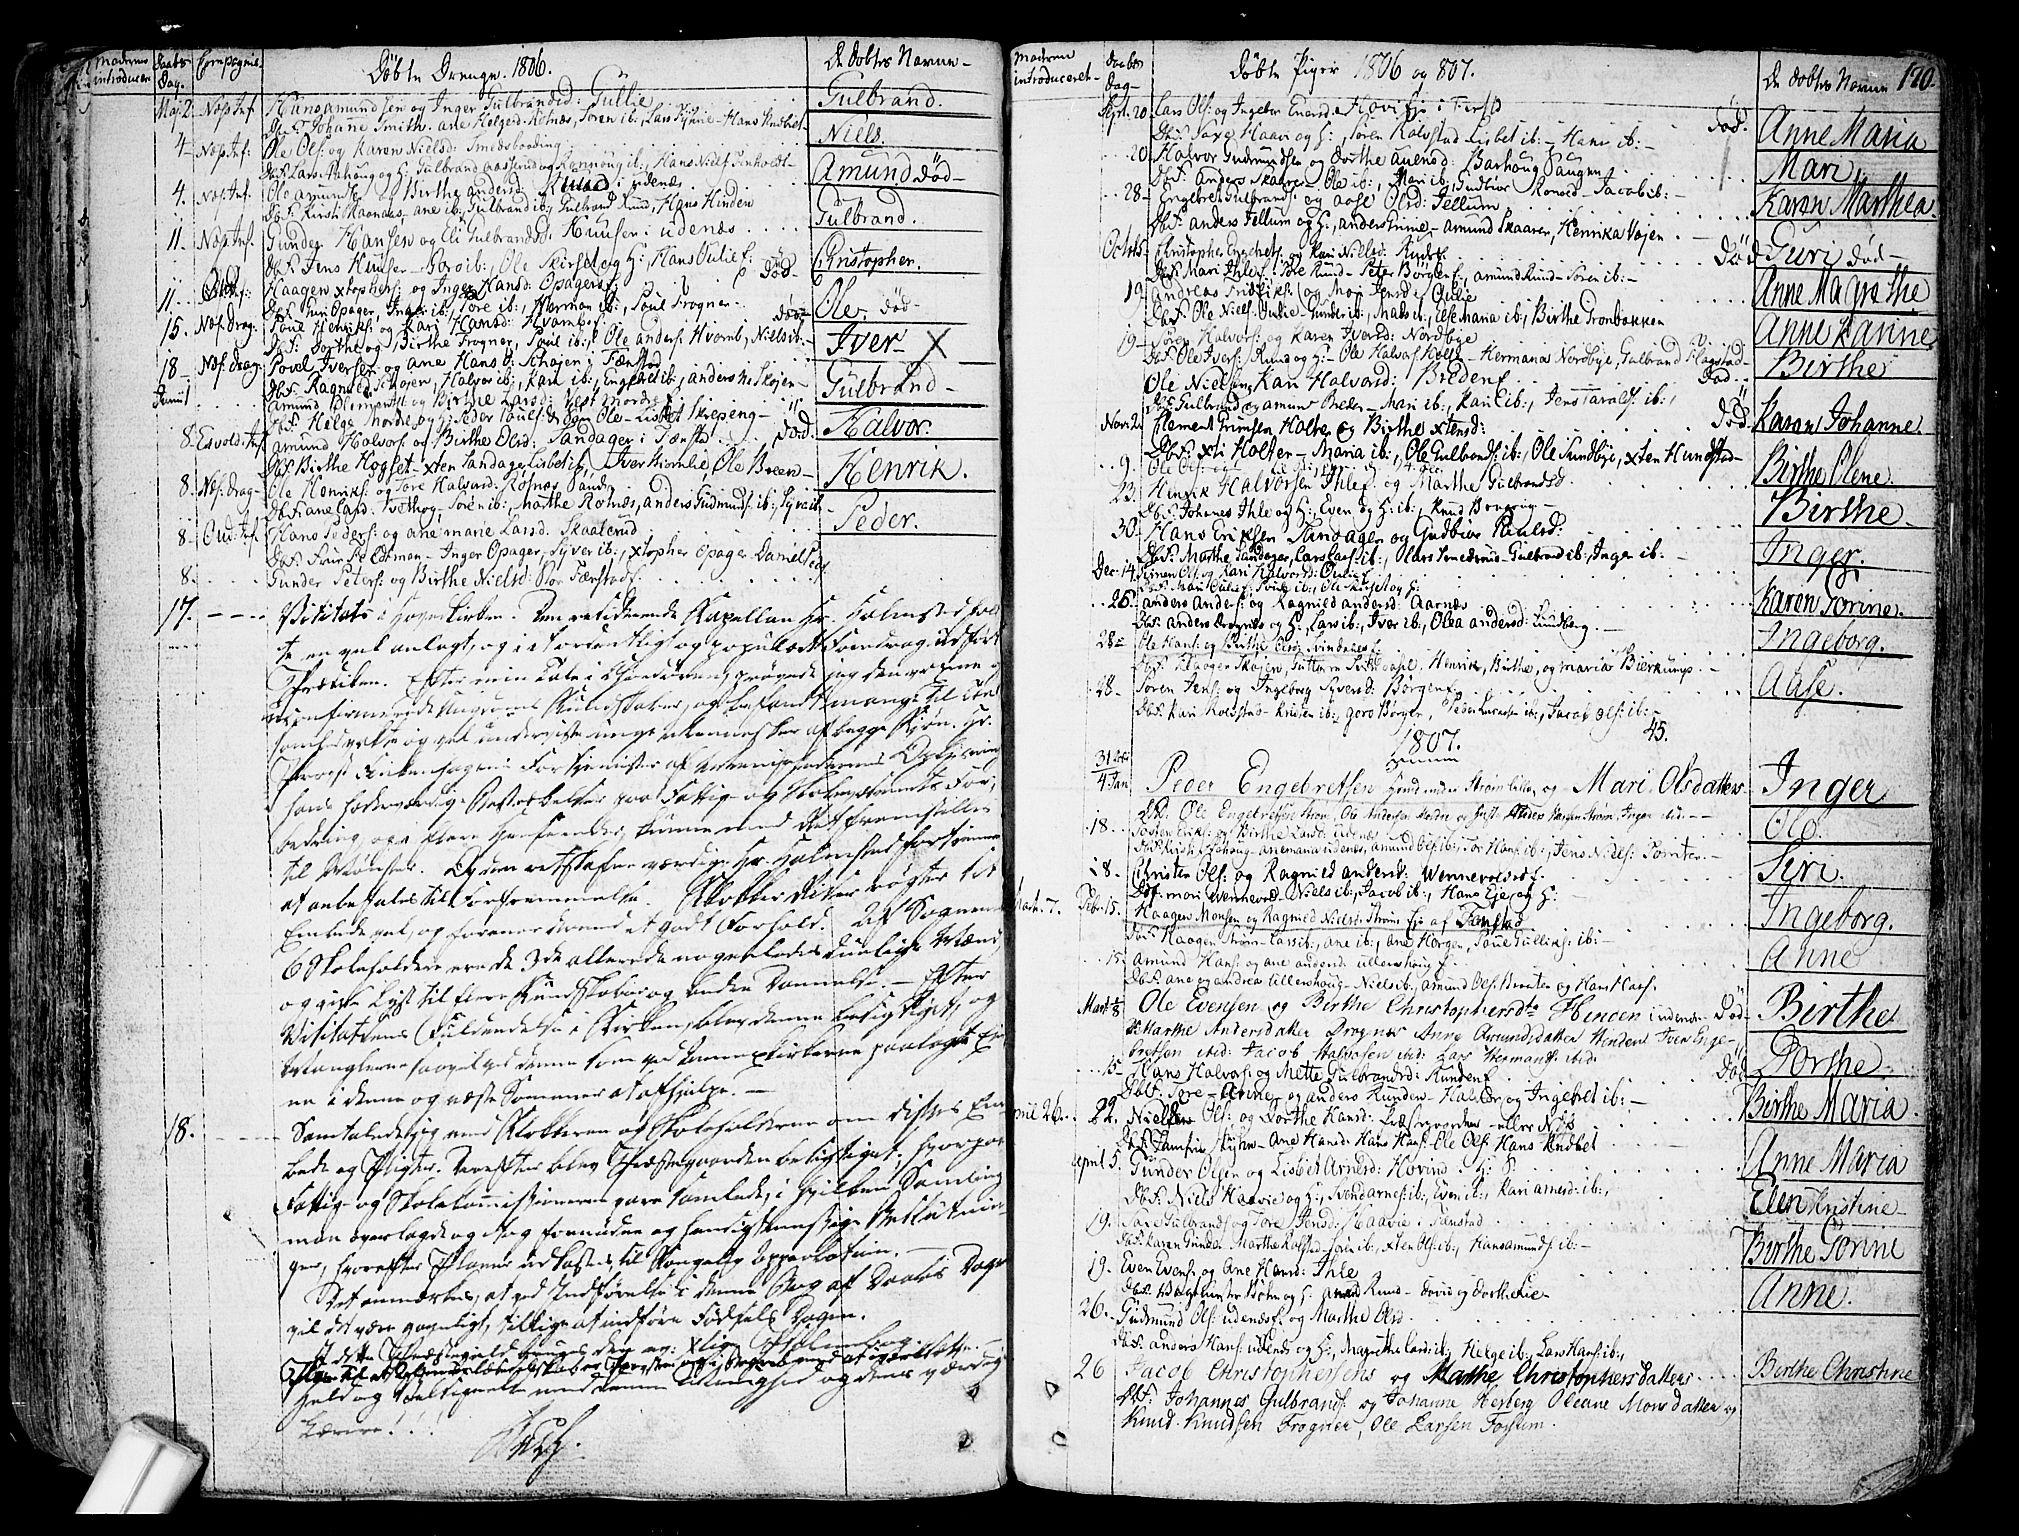 SAO, Nes prestekontor Kirkebøker, F/Fa/L0004: Ministerialbok nr. I 4, 1781-1816, s. 170